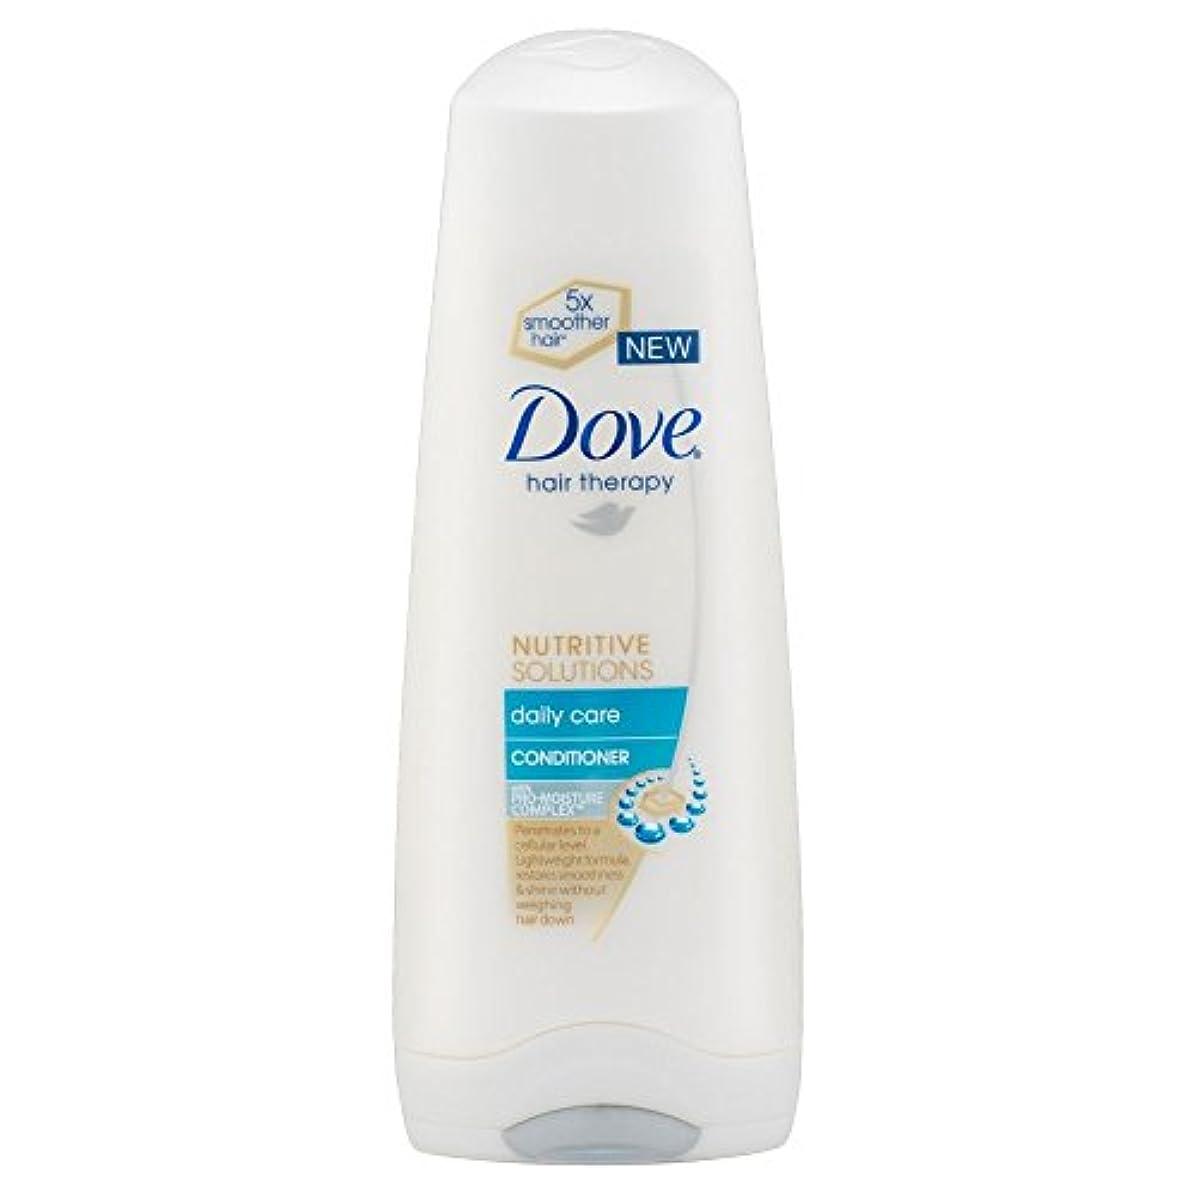 発見する追い付く受け皿Dove Damage Therapy Daily Care Conditioner (200ml) 鳩の損傷療法毎日のケアコンディショナー( 200ミリリットル) [並行輸入品]